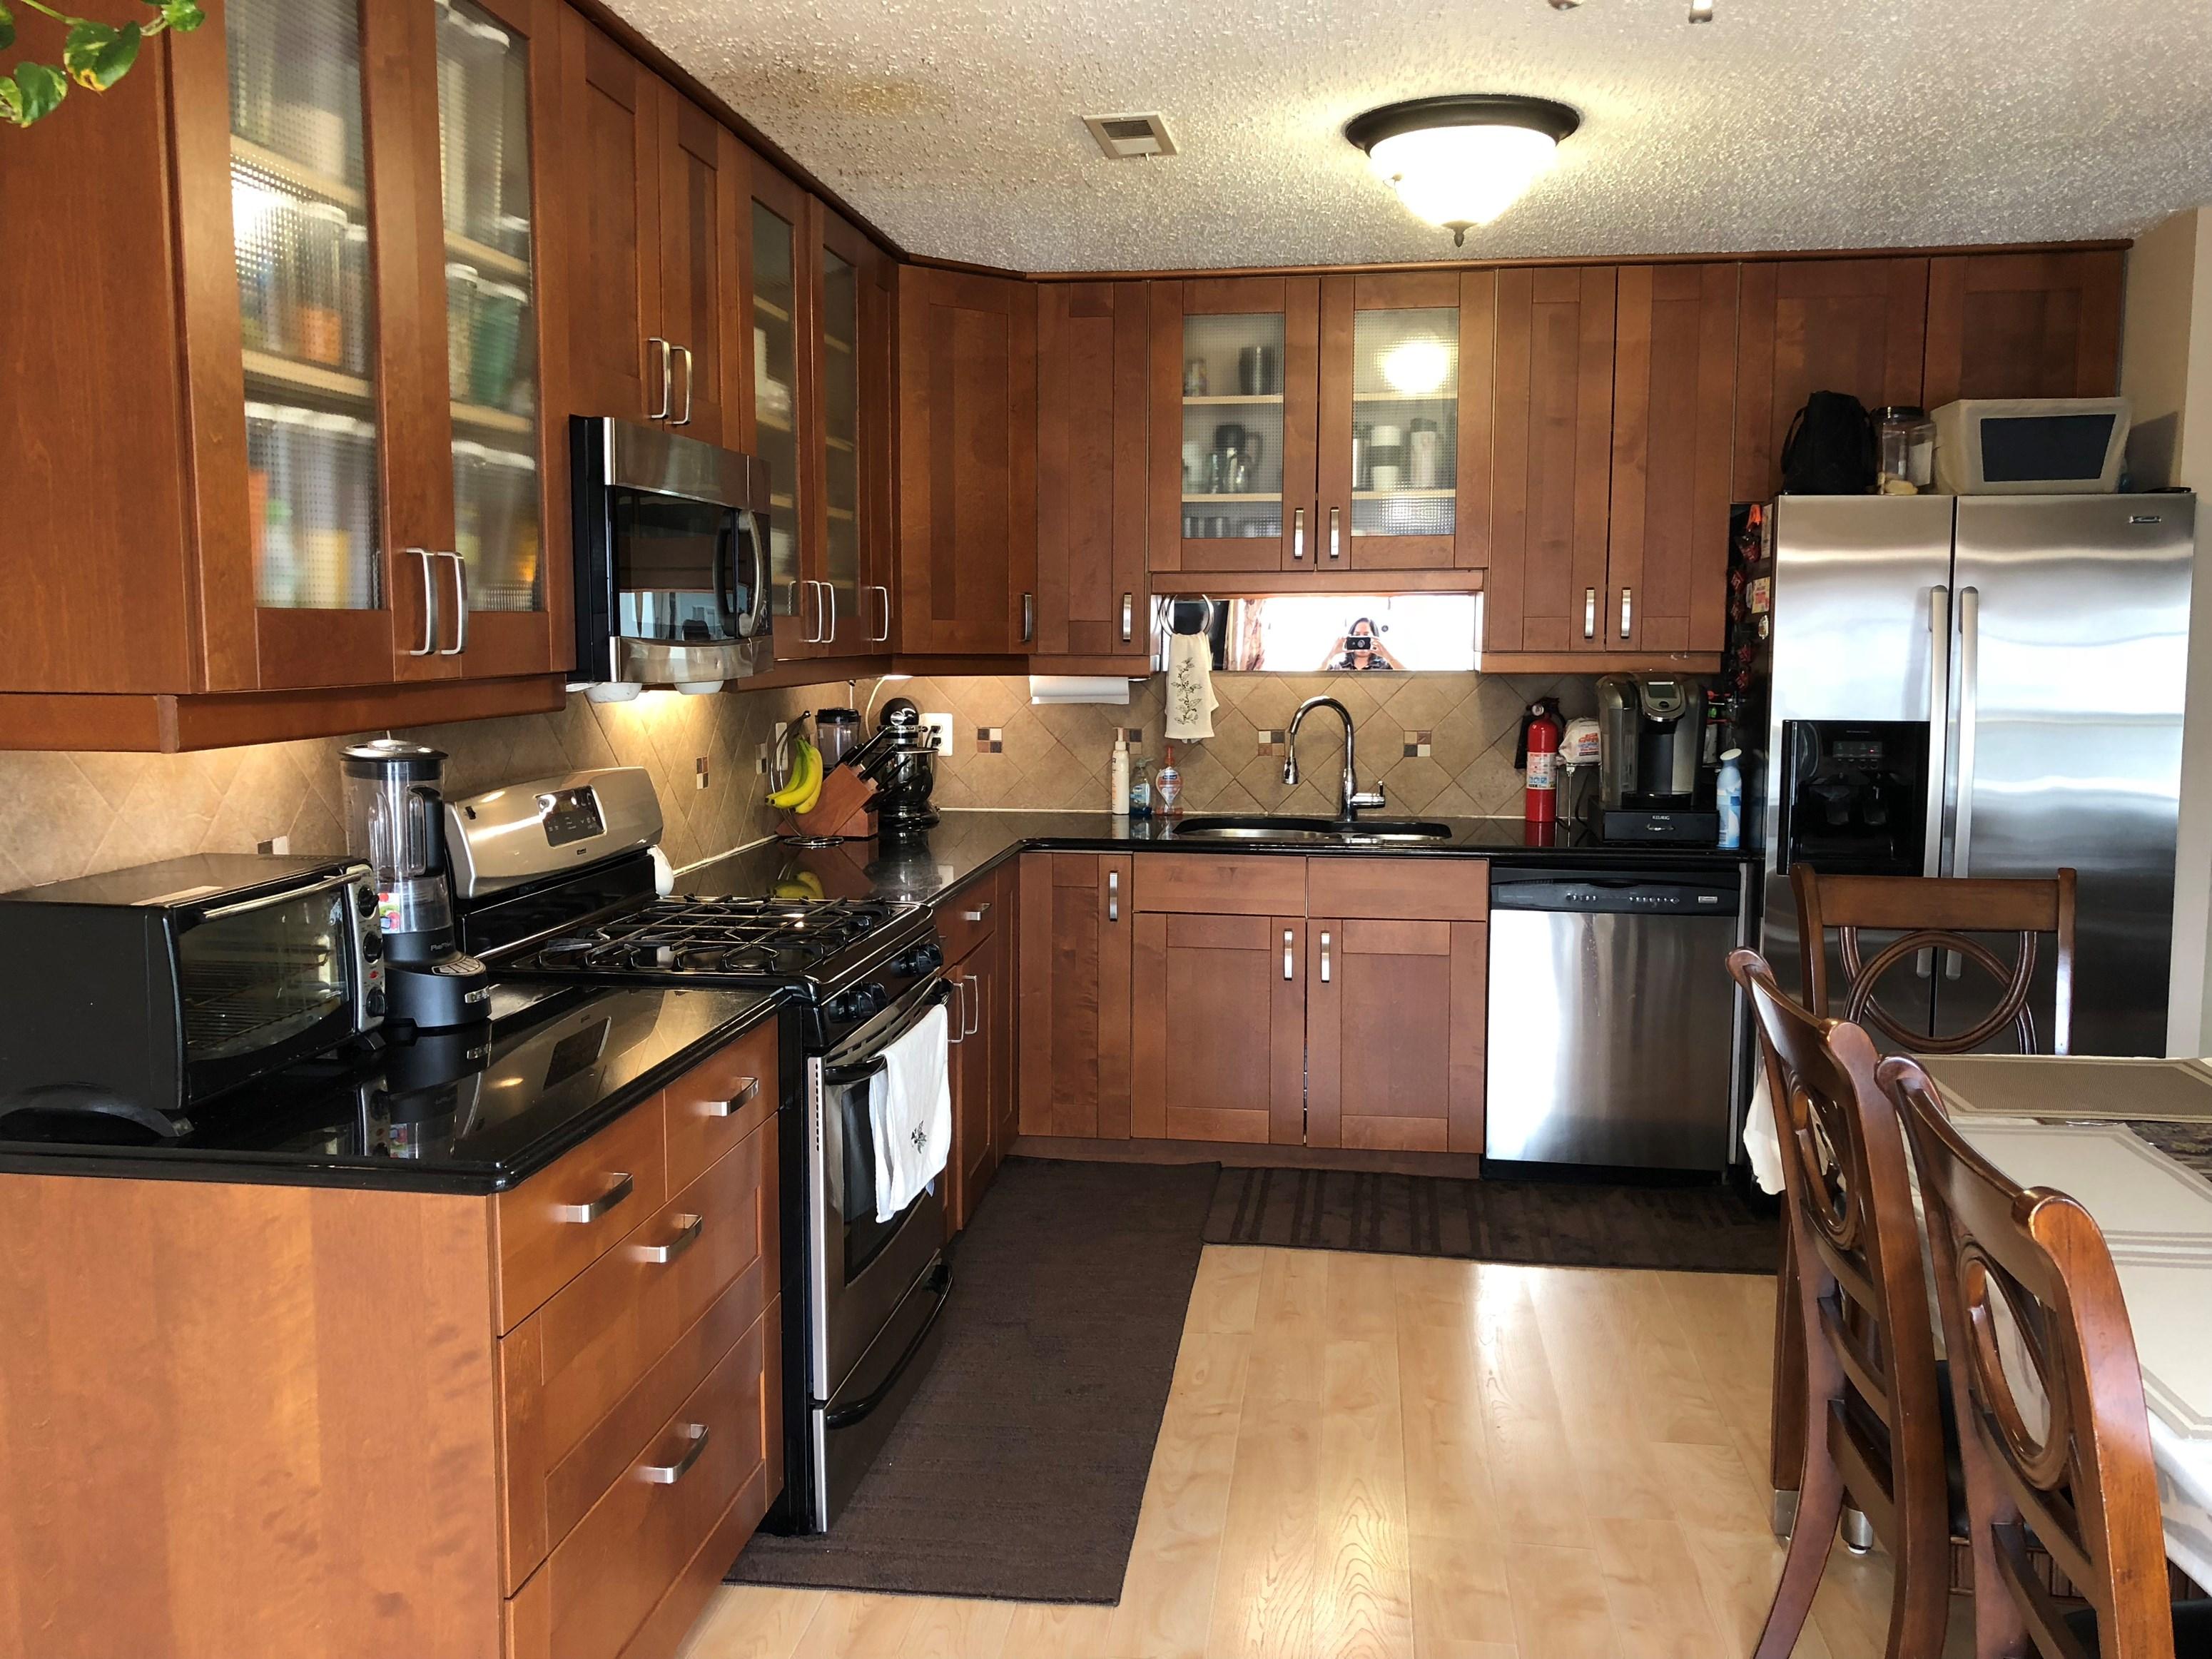 3 Bedroom Condo In North Edison